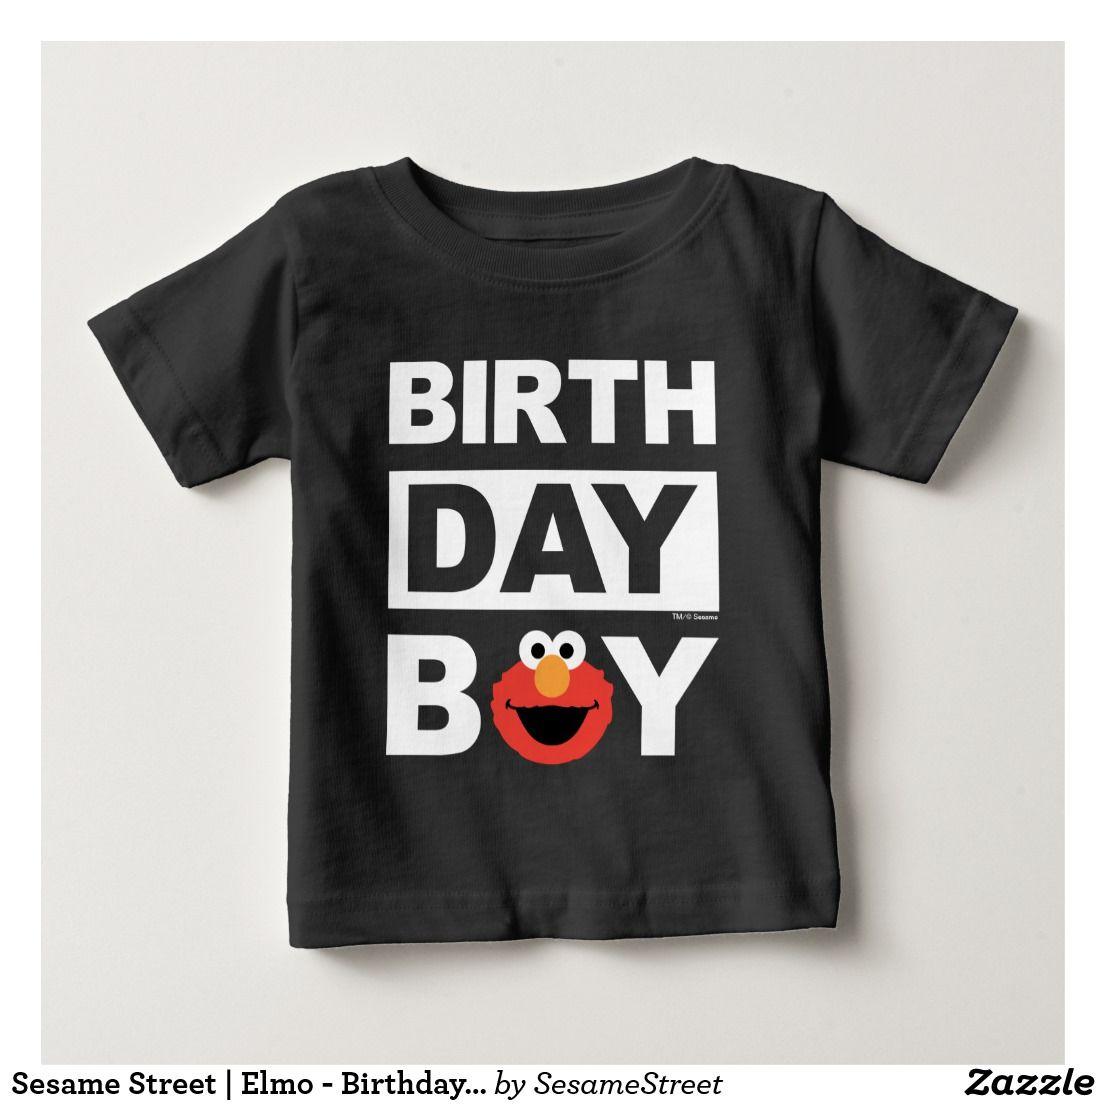 Sesame Street Elmo Birthday Boy Baby TShirt Zazzle